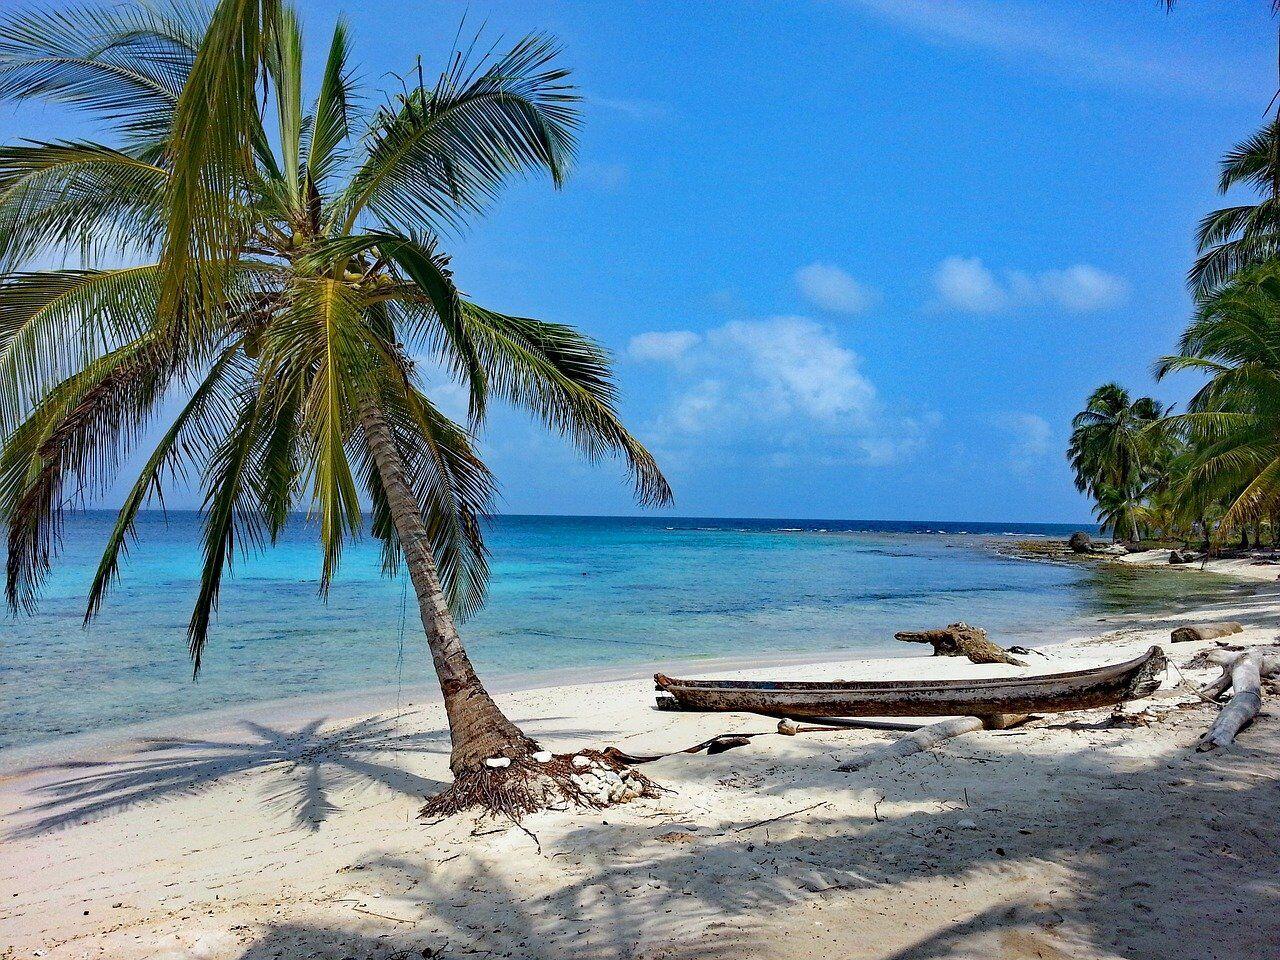 Isla Diablo, Islas de San Blas, Panamá